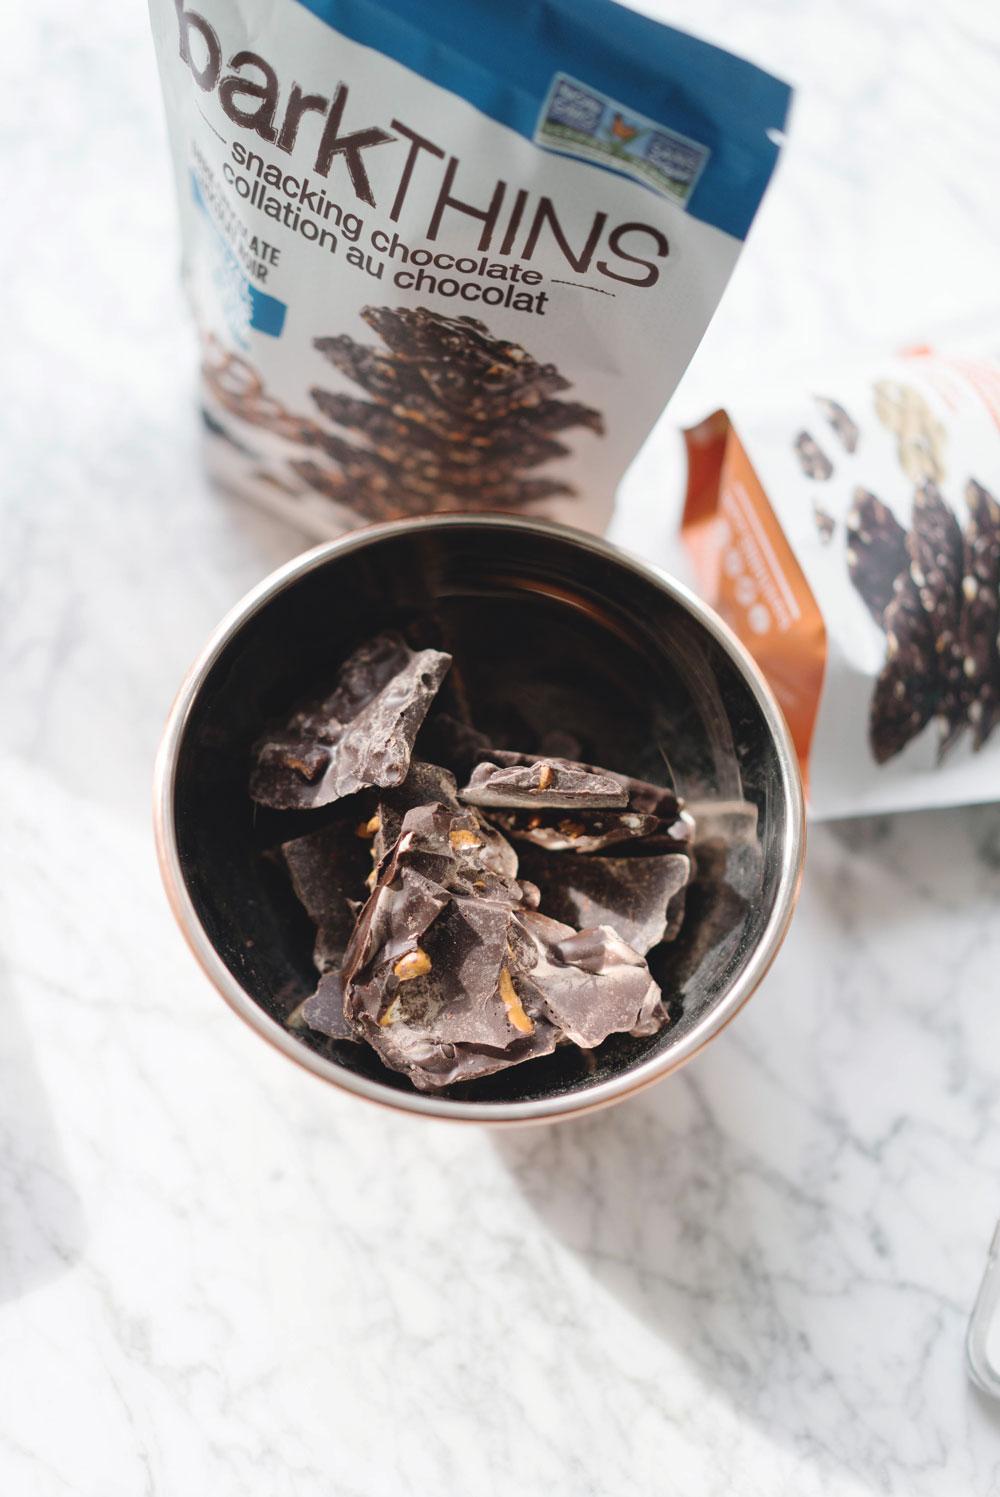 Best dark chocolate snacks, barkTHINS, betterwithbarkTHINS, snackingelevated, pumpkin seed barkTHINS, pretzel with sea salt barkTHINS, almond with sea salt barkTHINS, best snacks by To Vogue or Bust